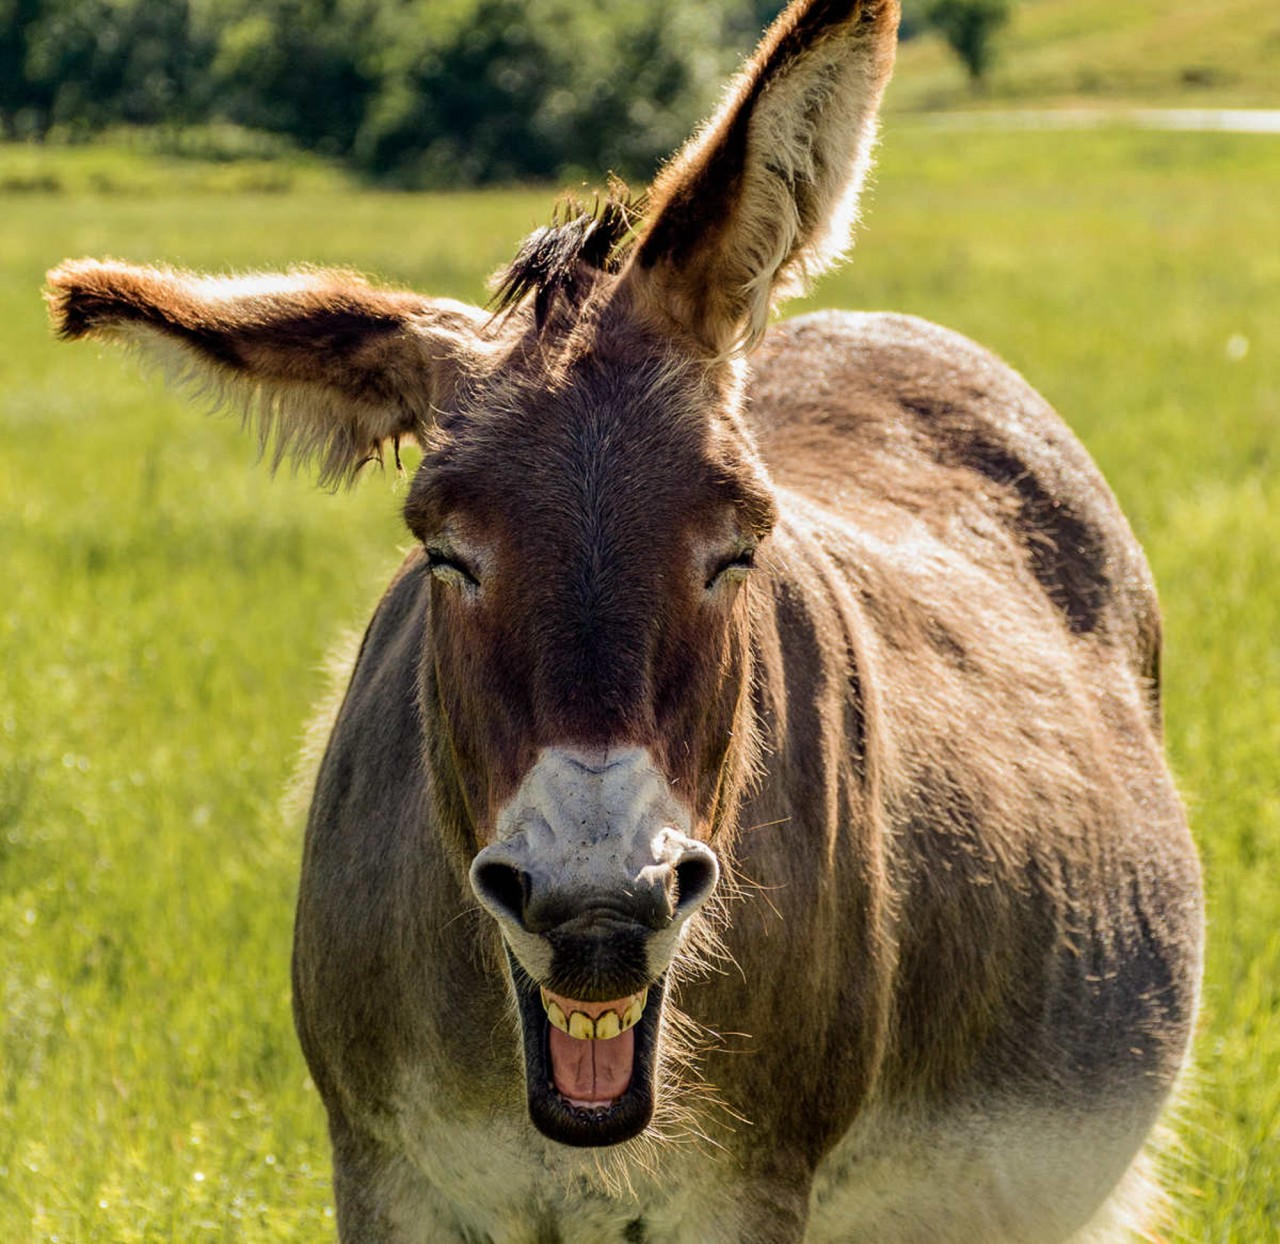 картинки смеются животные человека мучали